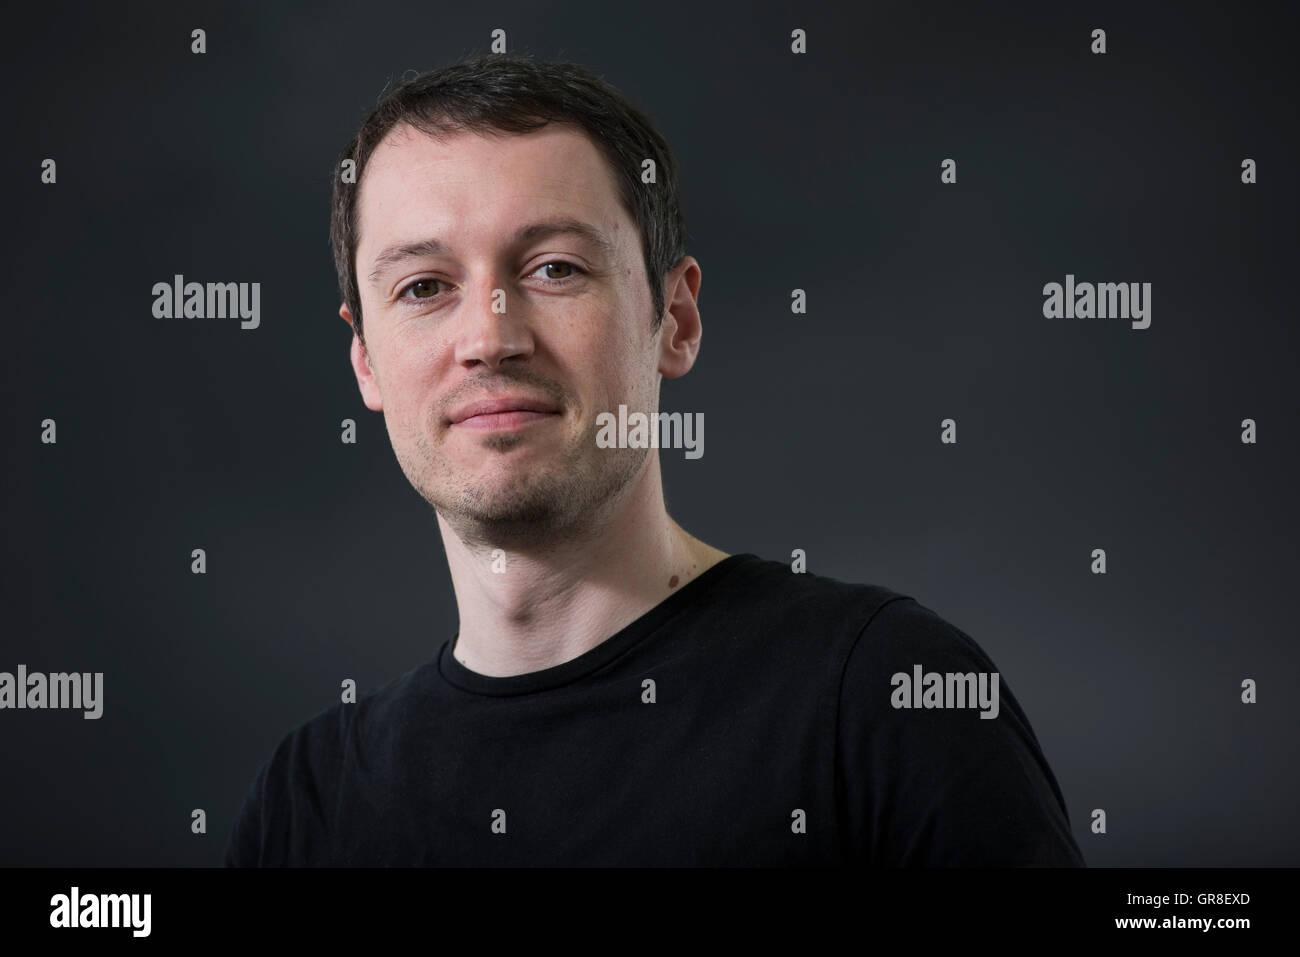 Author Keith Houston. - Stock Image